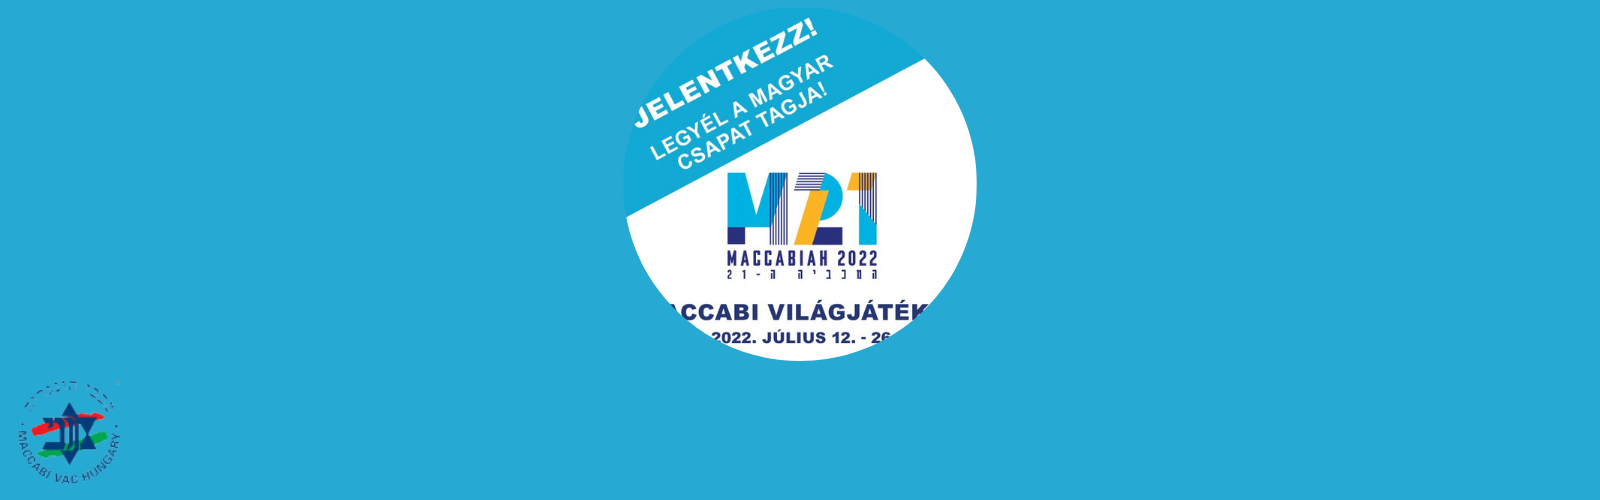 Maccabi Világjátékok 2022 – Legyél Te is a magyar csapat tagja!